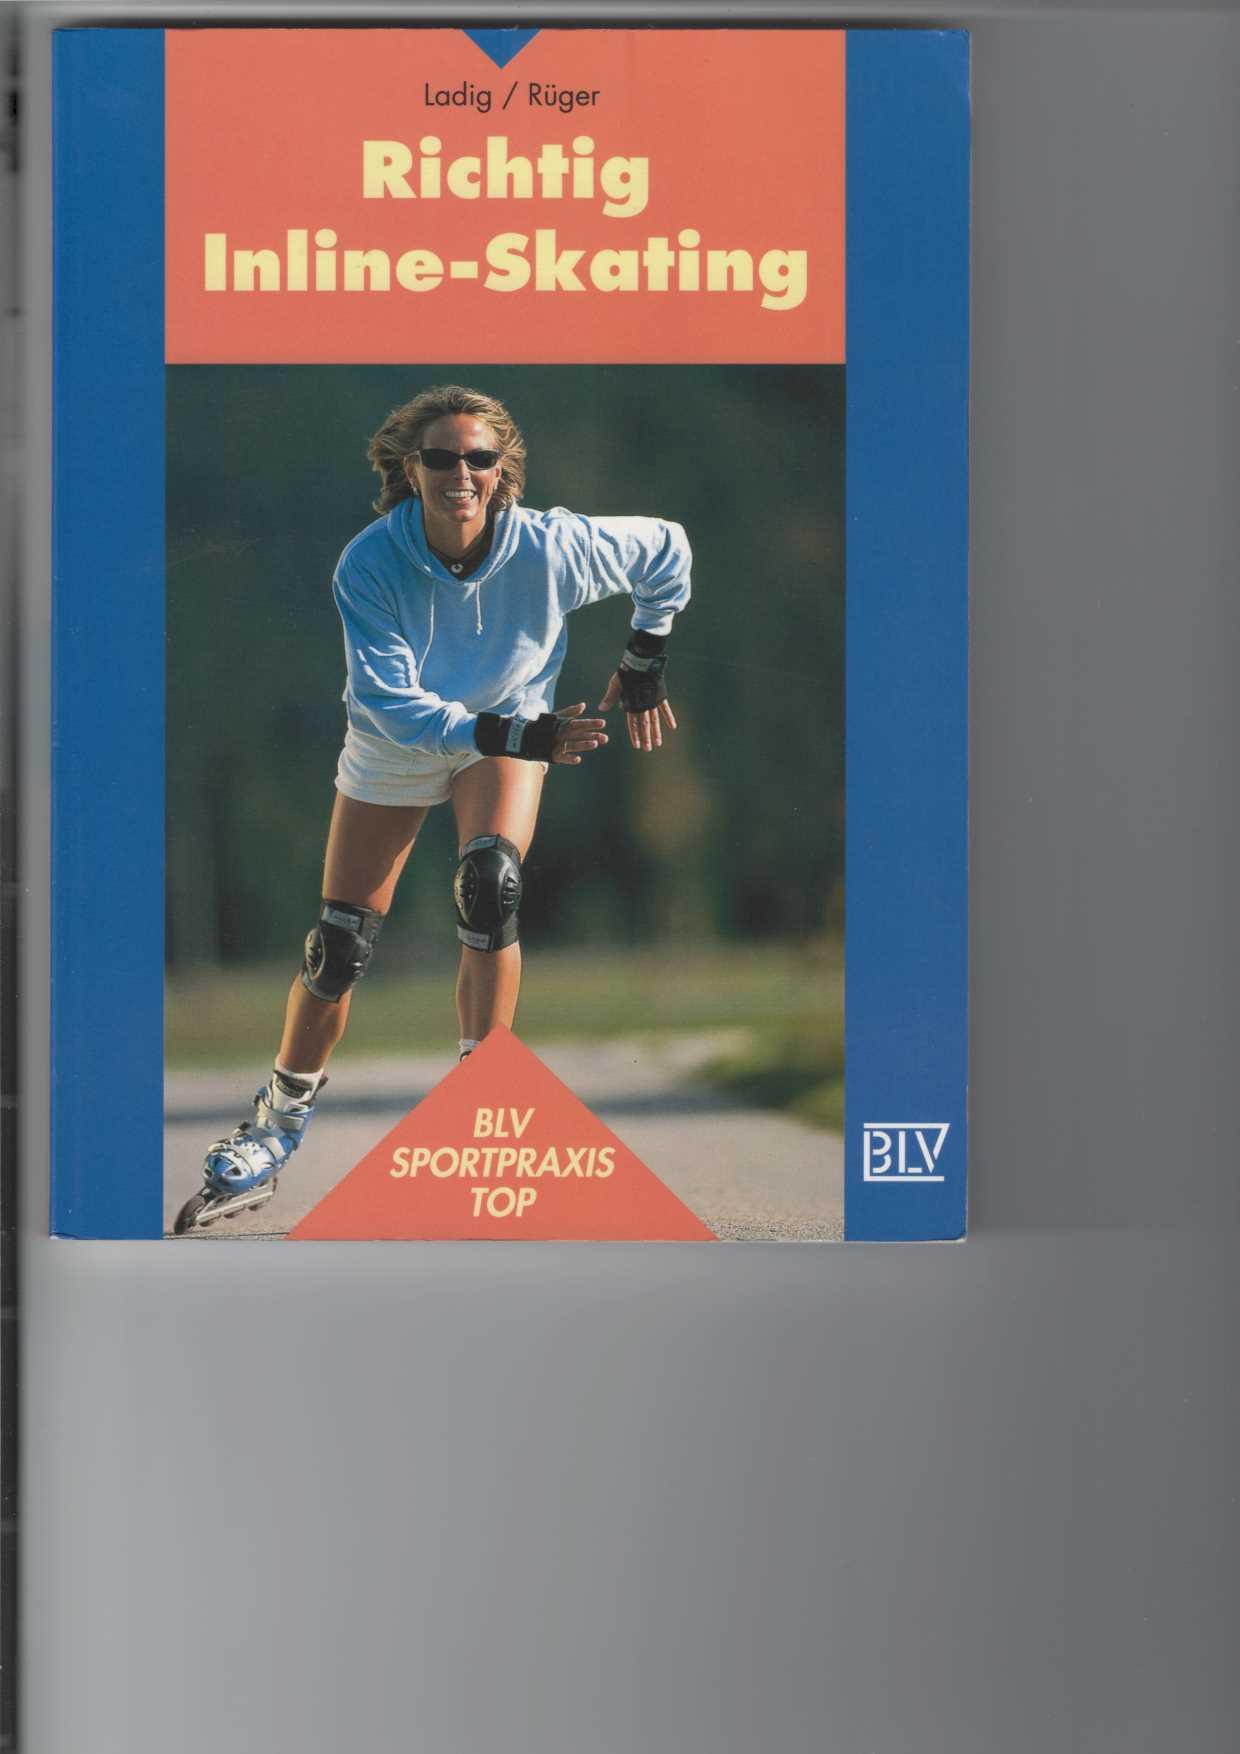 Ladig, Georg und Frank Rüger: Richtig Inline-Skating.